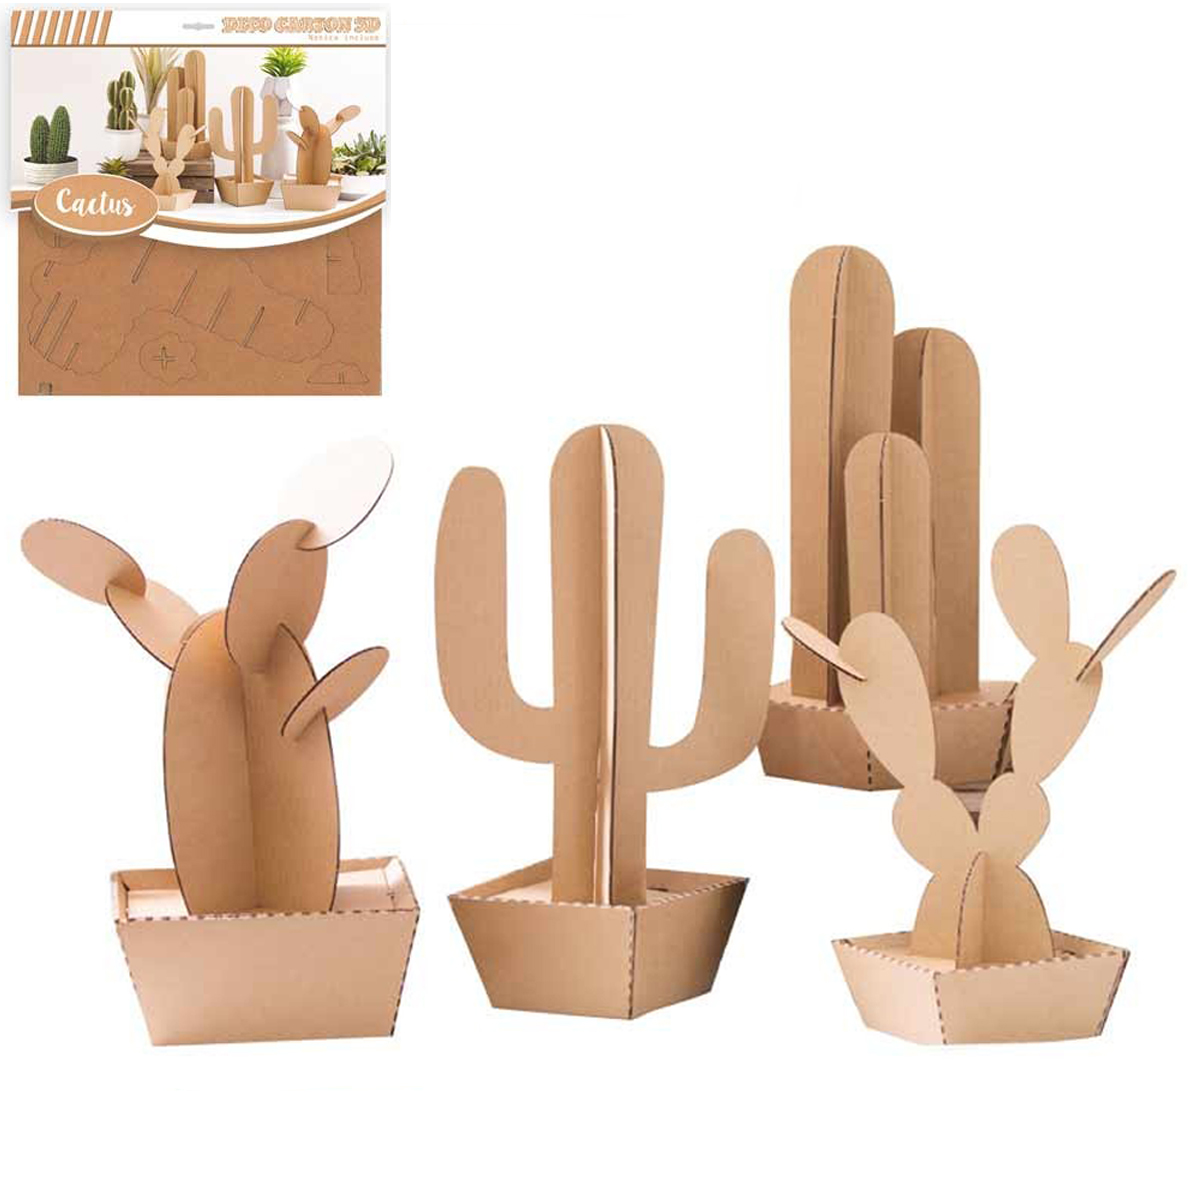 Figurine carton 3D \'Cactus\' - planches 30x305 cm - [Q3137]